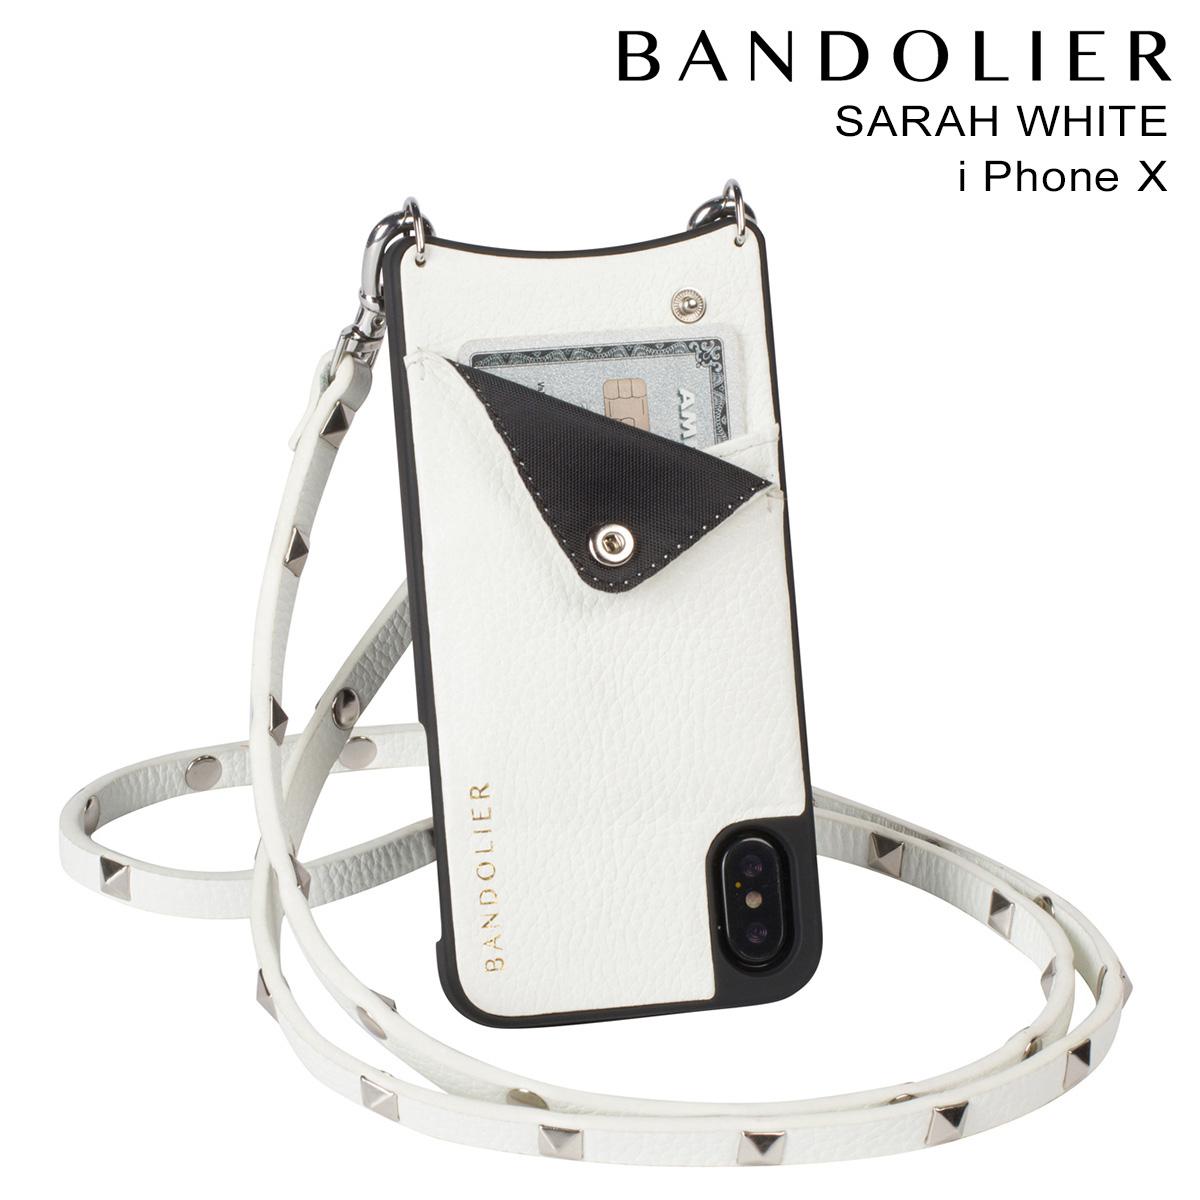 バンドリヤー BANDOLIER iPhoneX ケース スマホ アイフォン SARAH WHITE レザー メンズ レディース [9/14 再入荷]